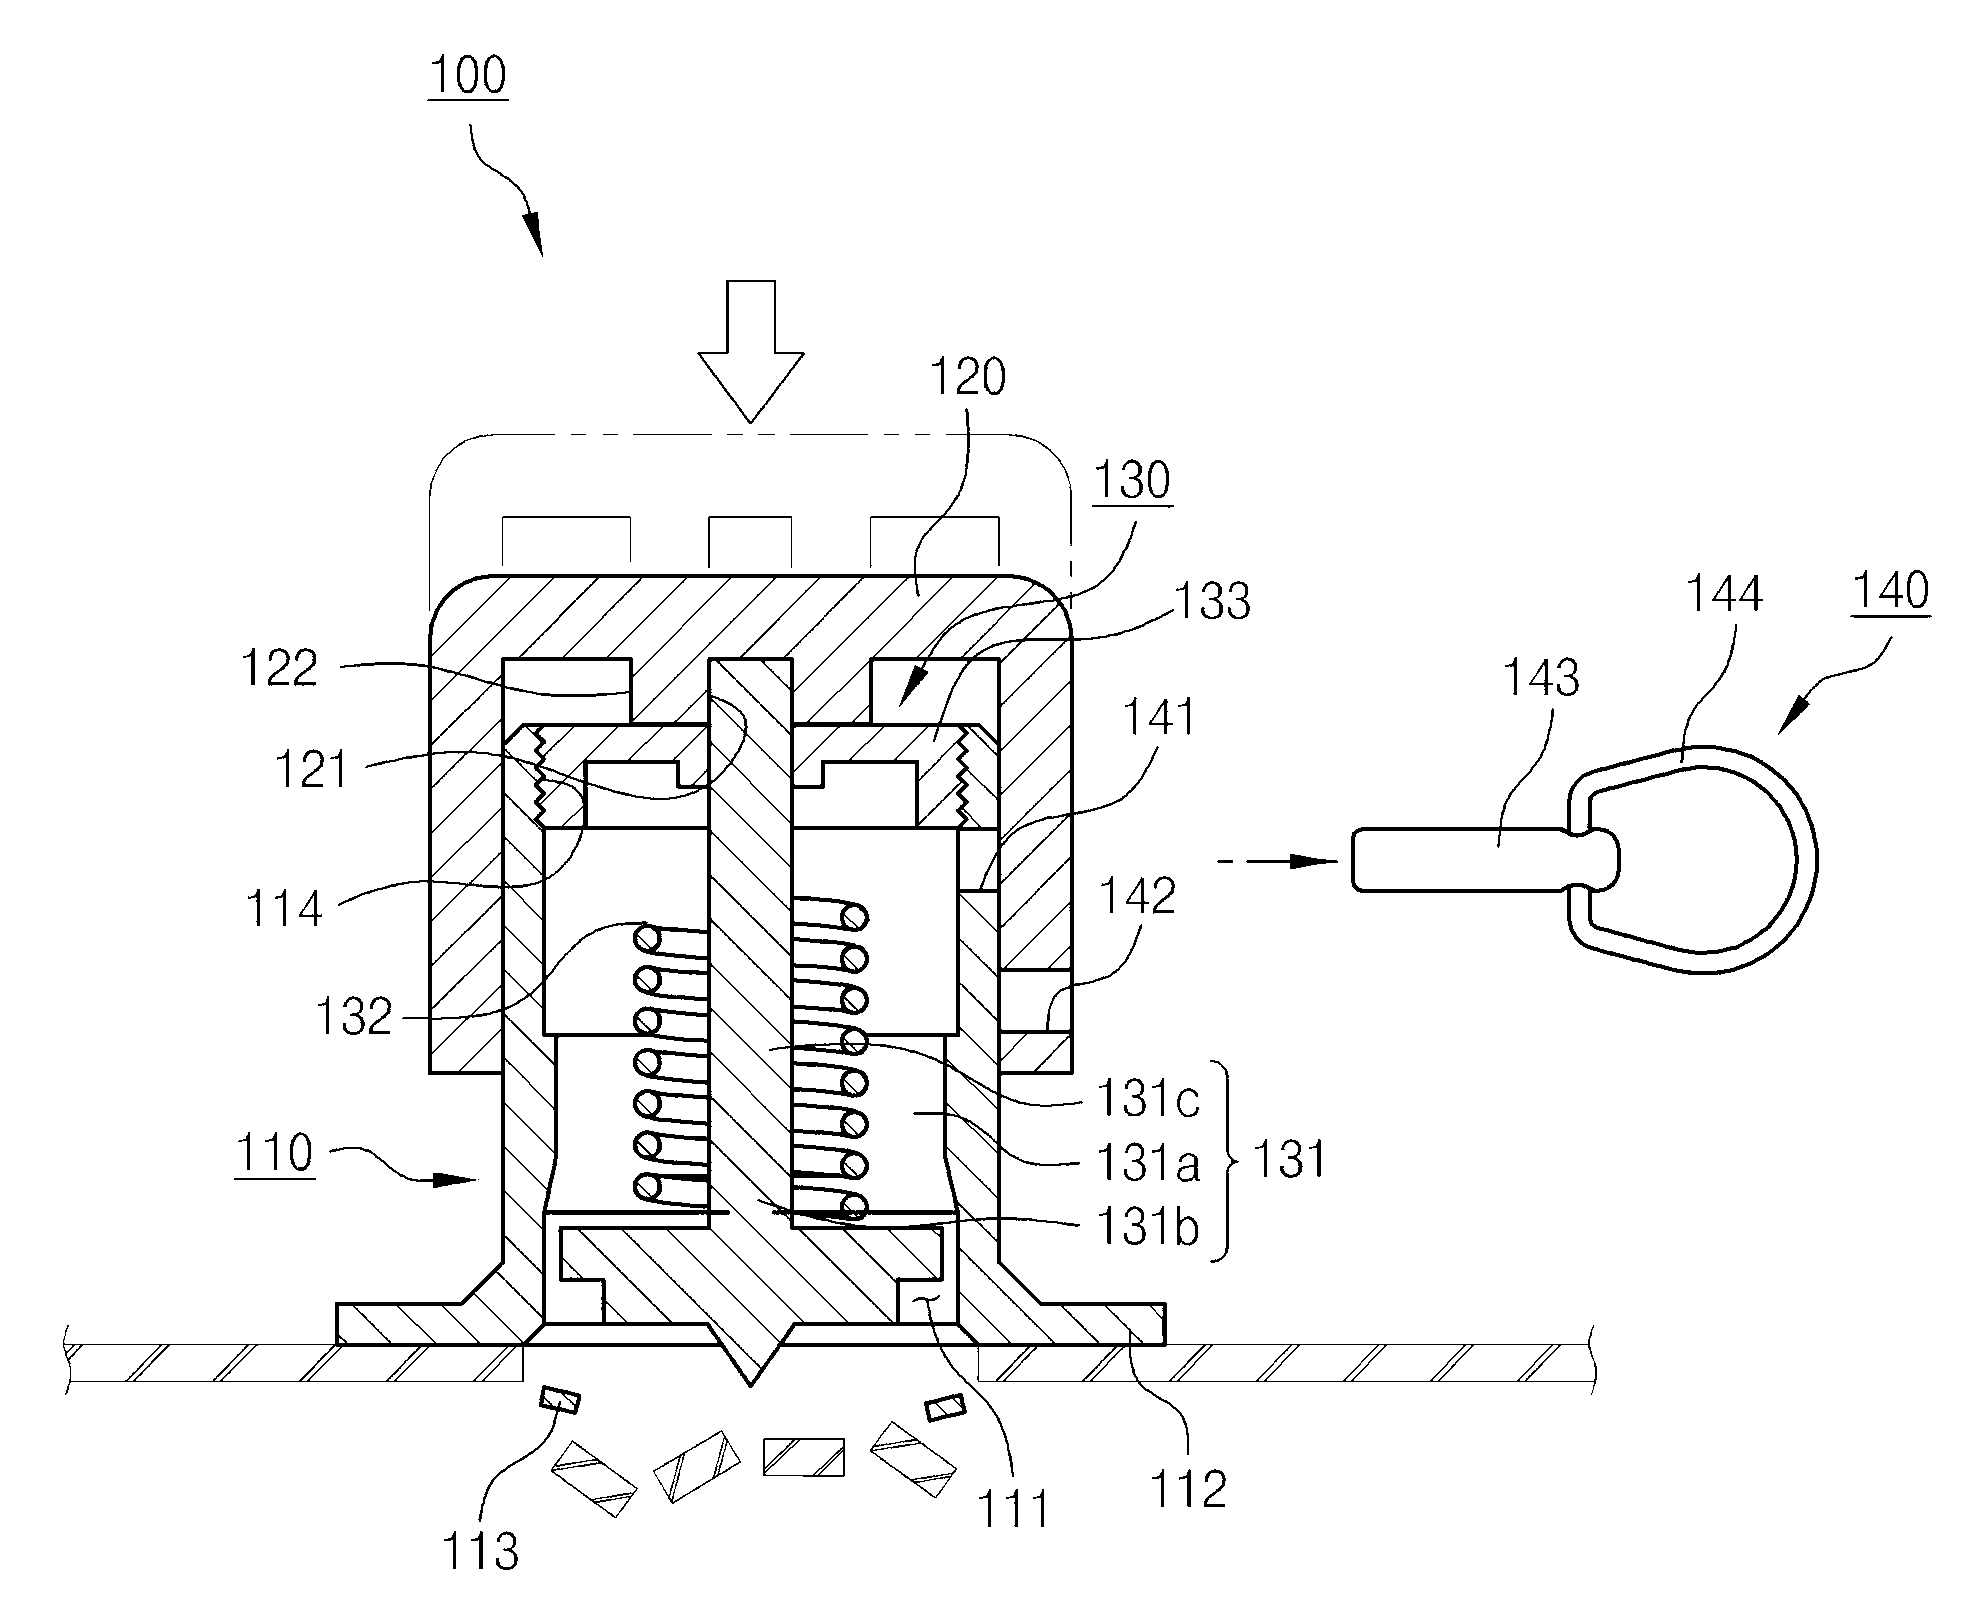 E30 Wiring Diagram Engine